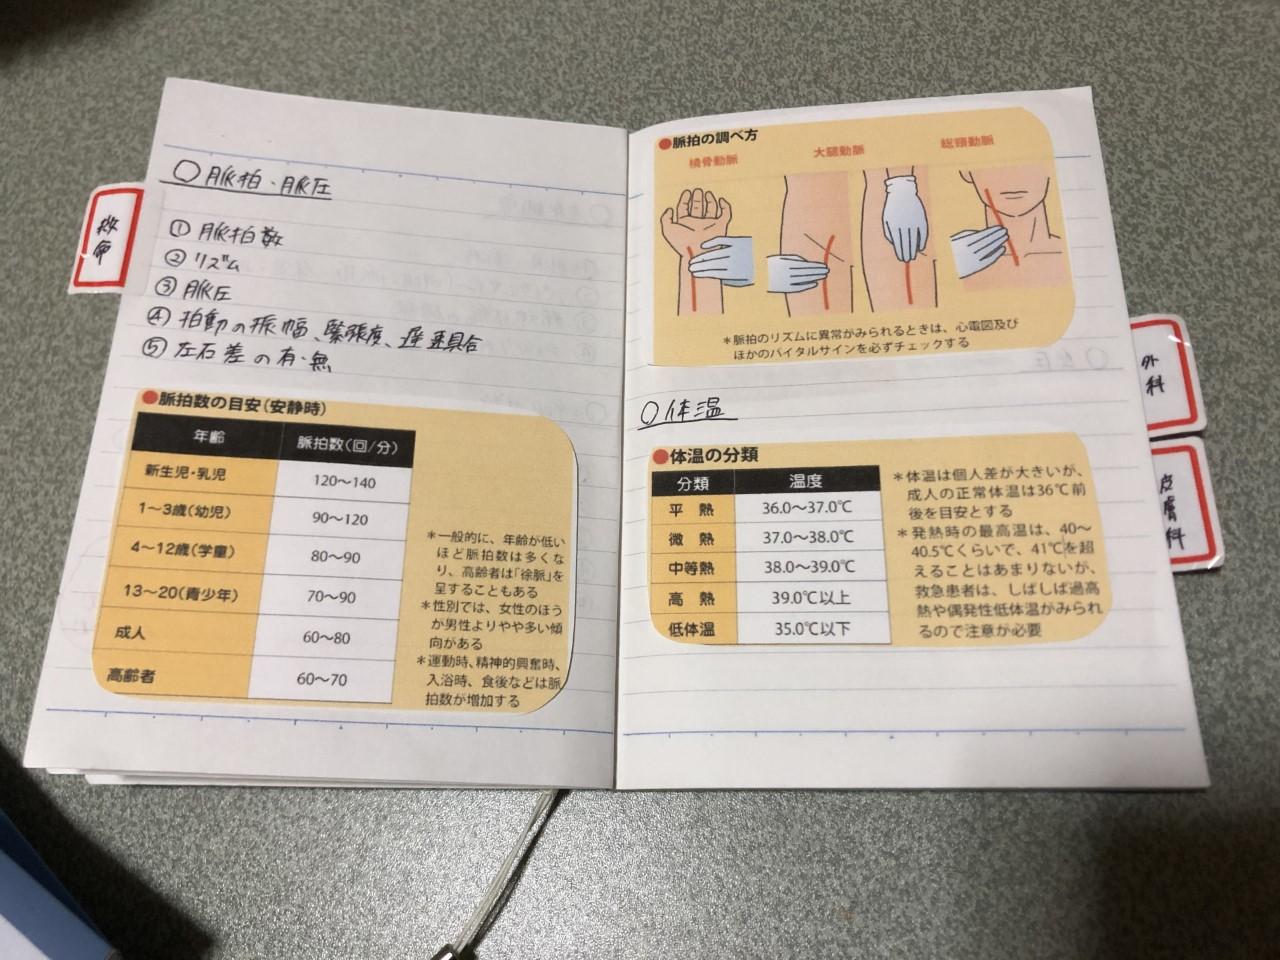 【授業紹介】看護臨床実習